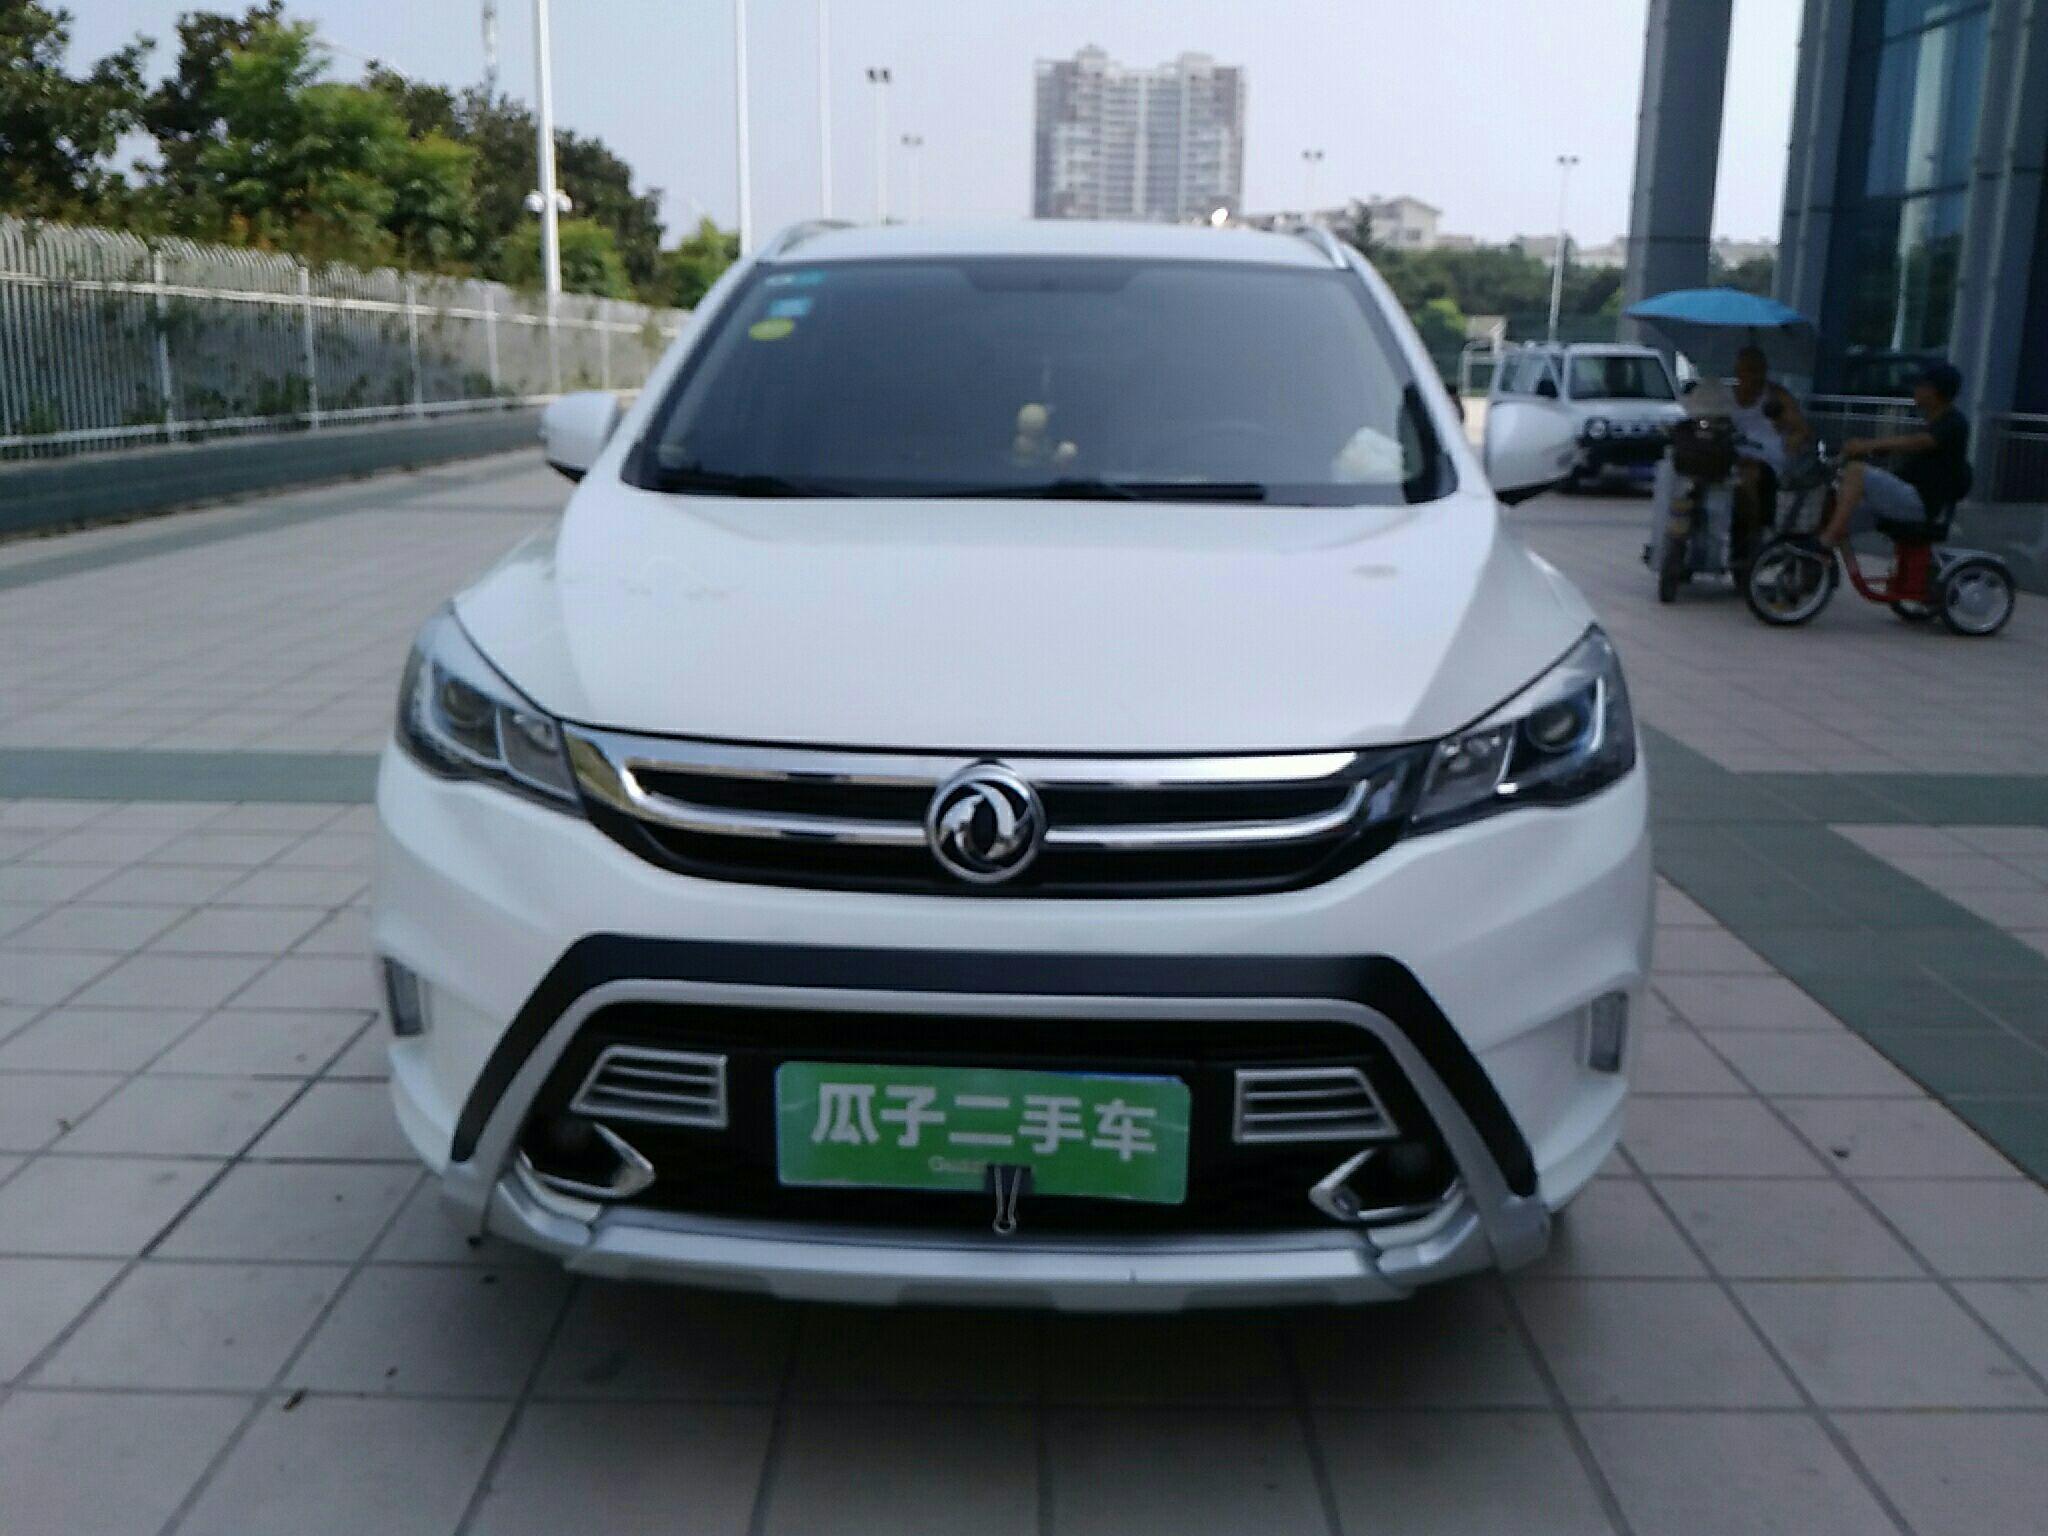 菁英手动ax52017款1.4t灯光趣尚型(国Ⅴ)撼路者东风风神图片